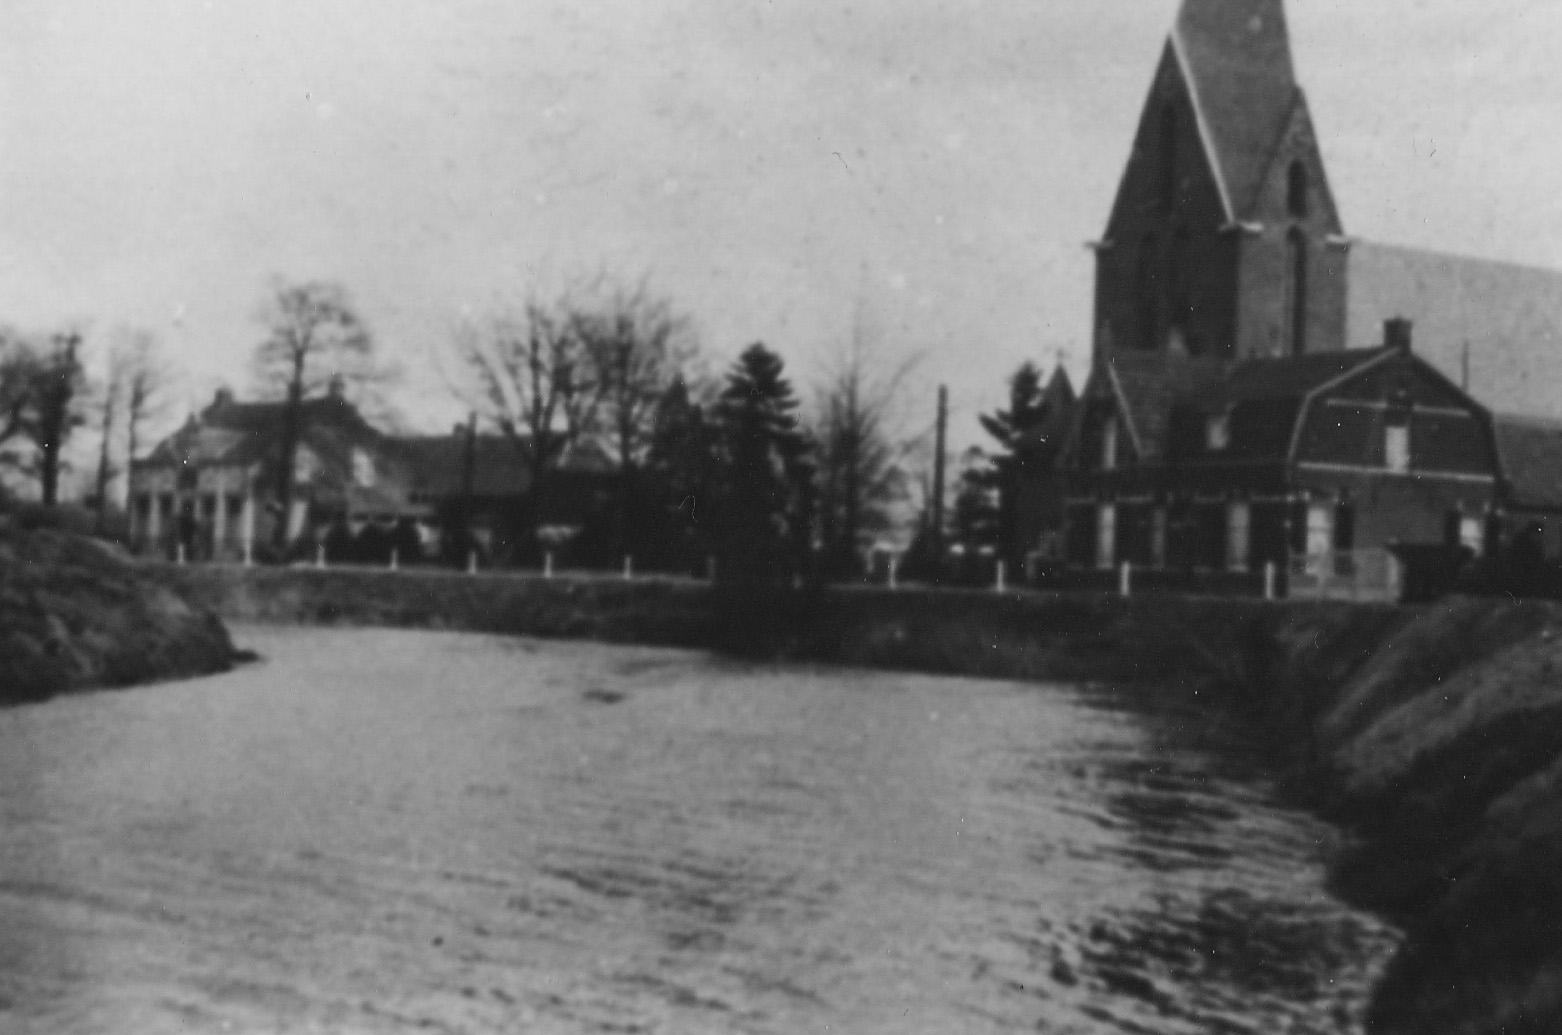 ca1930 Michaelkerk en pastorie aan de Dommel, de Dommel is eind jaren 30 verlegd